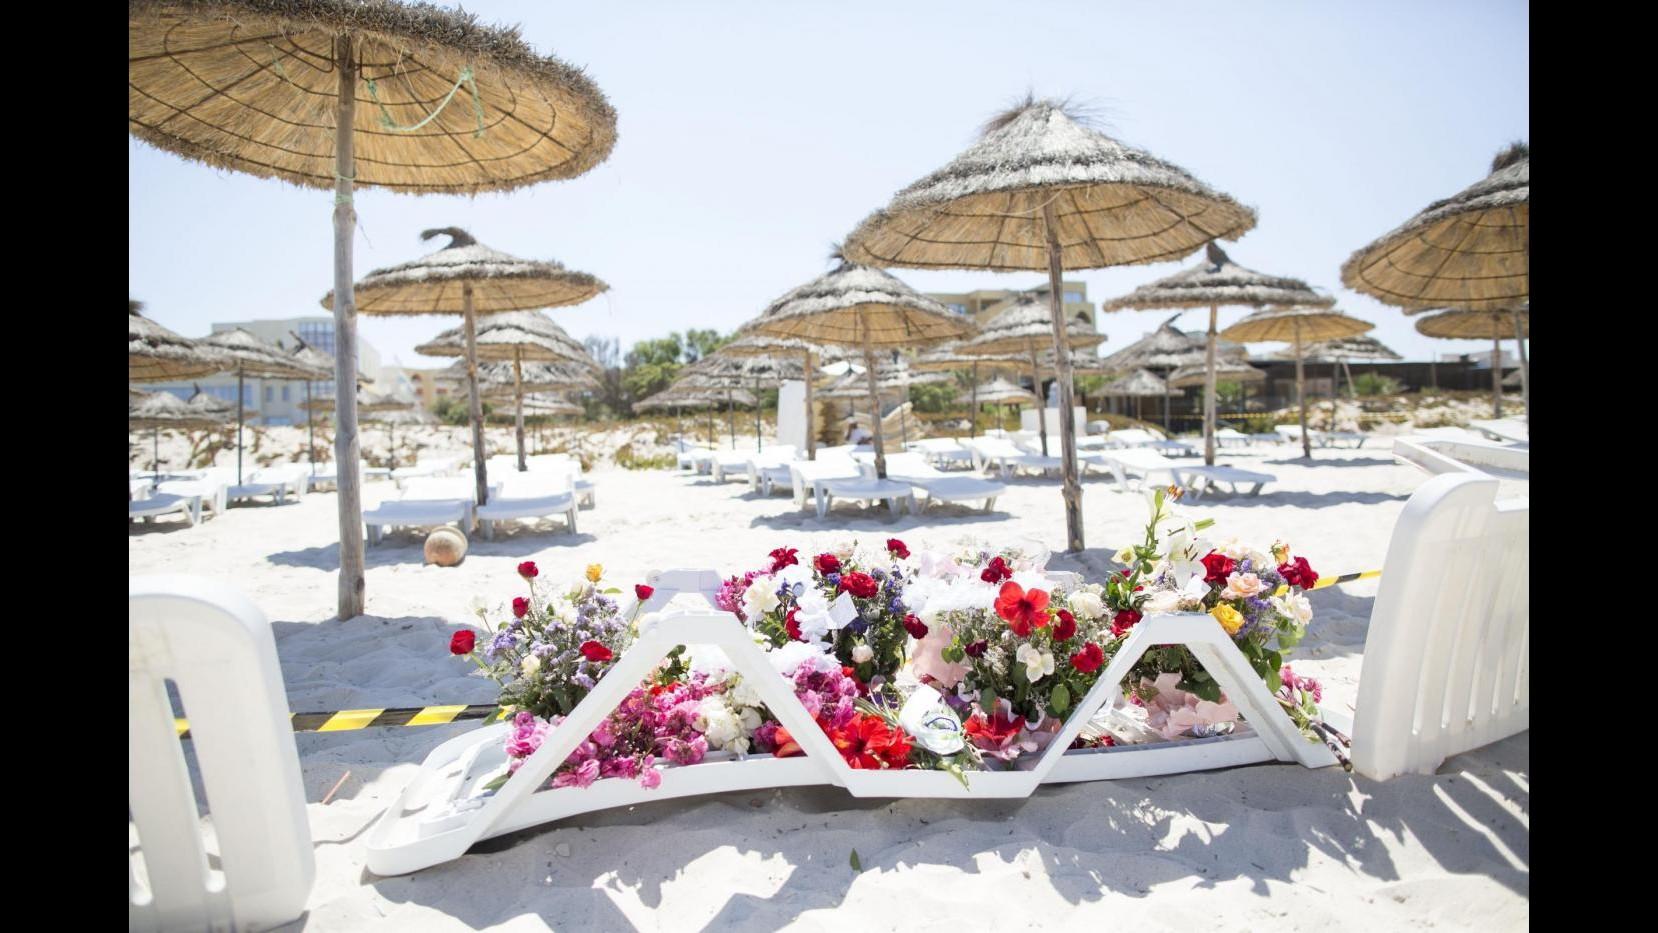 Strage di Sousse, l'autore dell'attacco in spiaggia era legato ai terroristi libici